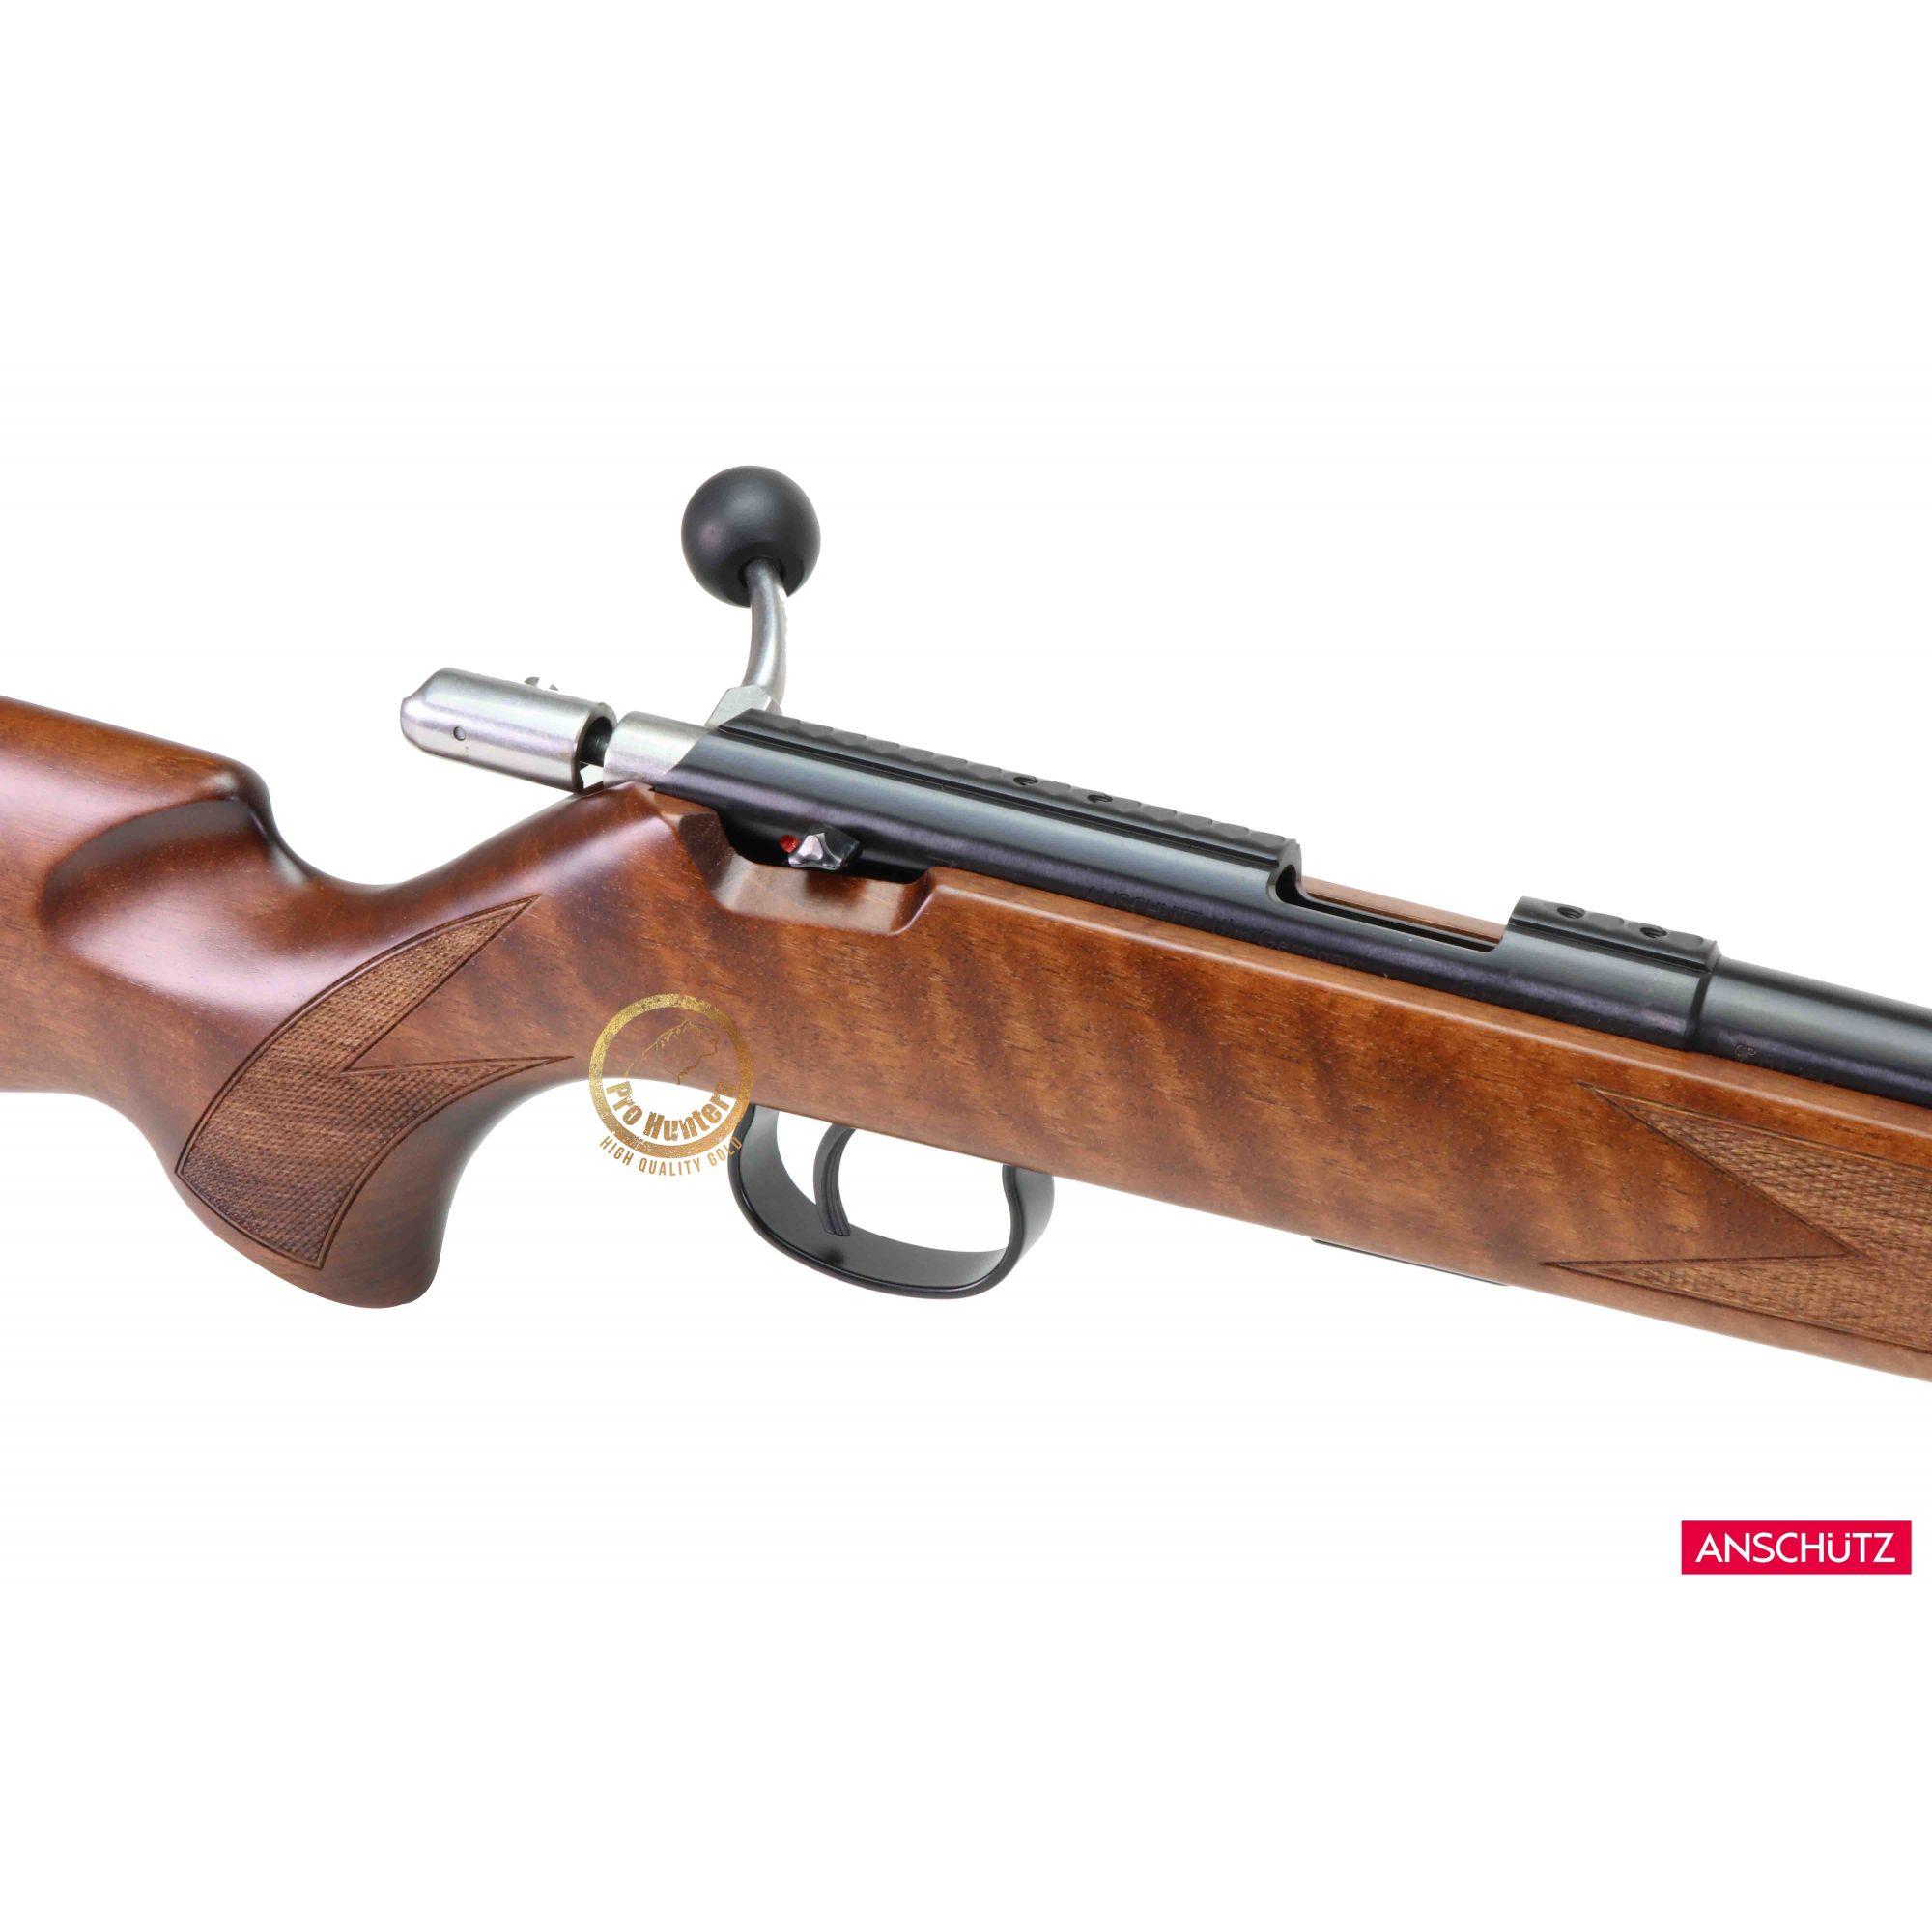 Anschutz - 1416L (canhoto) D HB G Classic - 18 Polegadas - Calibre .22 LR